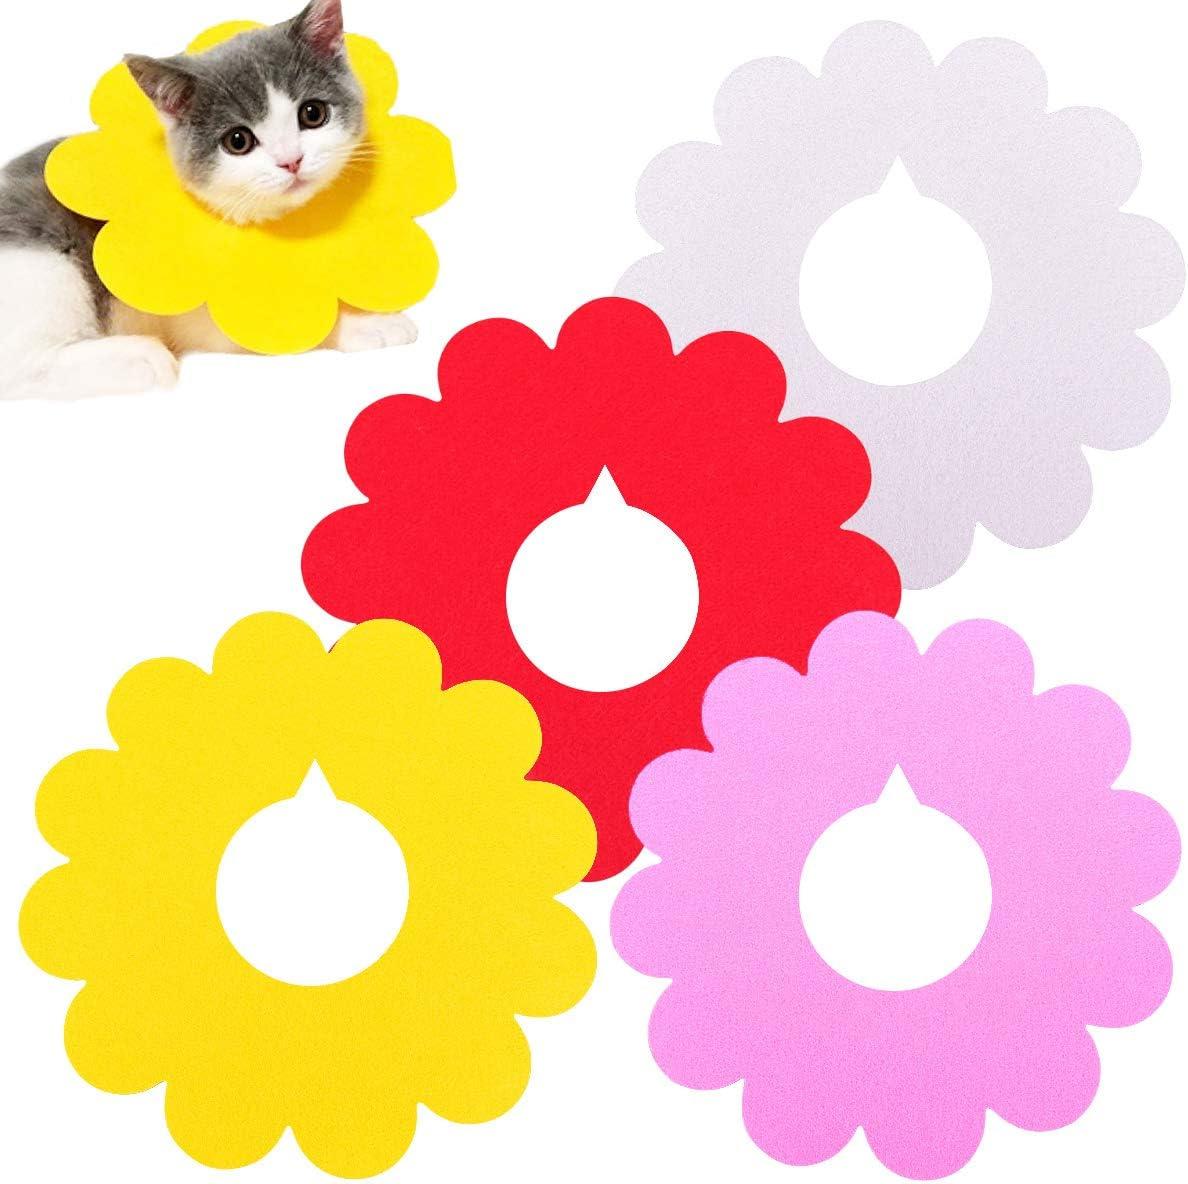 GLOBALDREAM Collar Isabelino Gato, 4 Piezas Collares Recuperación Gatos Cuello Mascota Collar Recuperación Protector para Perros y Gatos para Anti-mordida (L, 4 Colores)